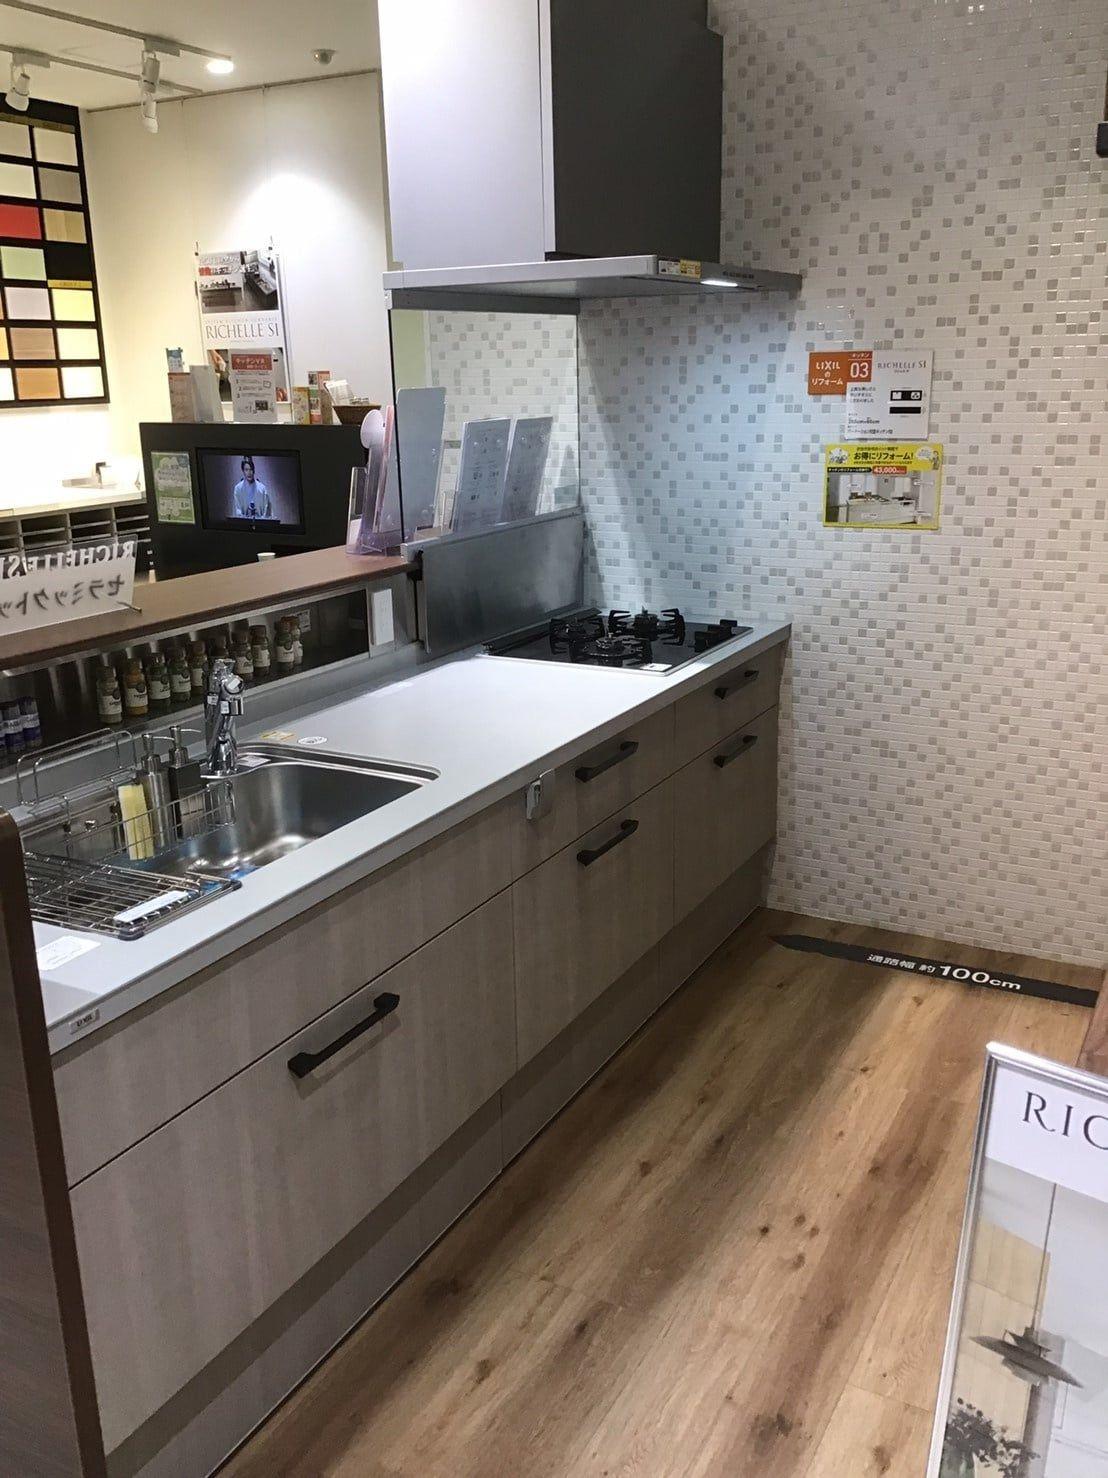 先日 リクシルの京都ショールームにお客様をご案内しました 展示してある最新の住宅設備機器をご紹介します ショールームでは カタログでは分からない細部 2020 リシェルsi リビング キッチン 新築 キッチン